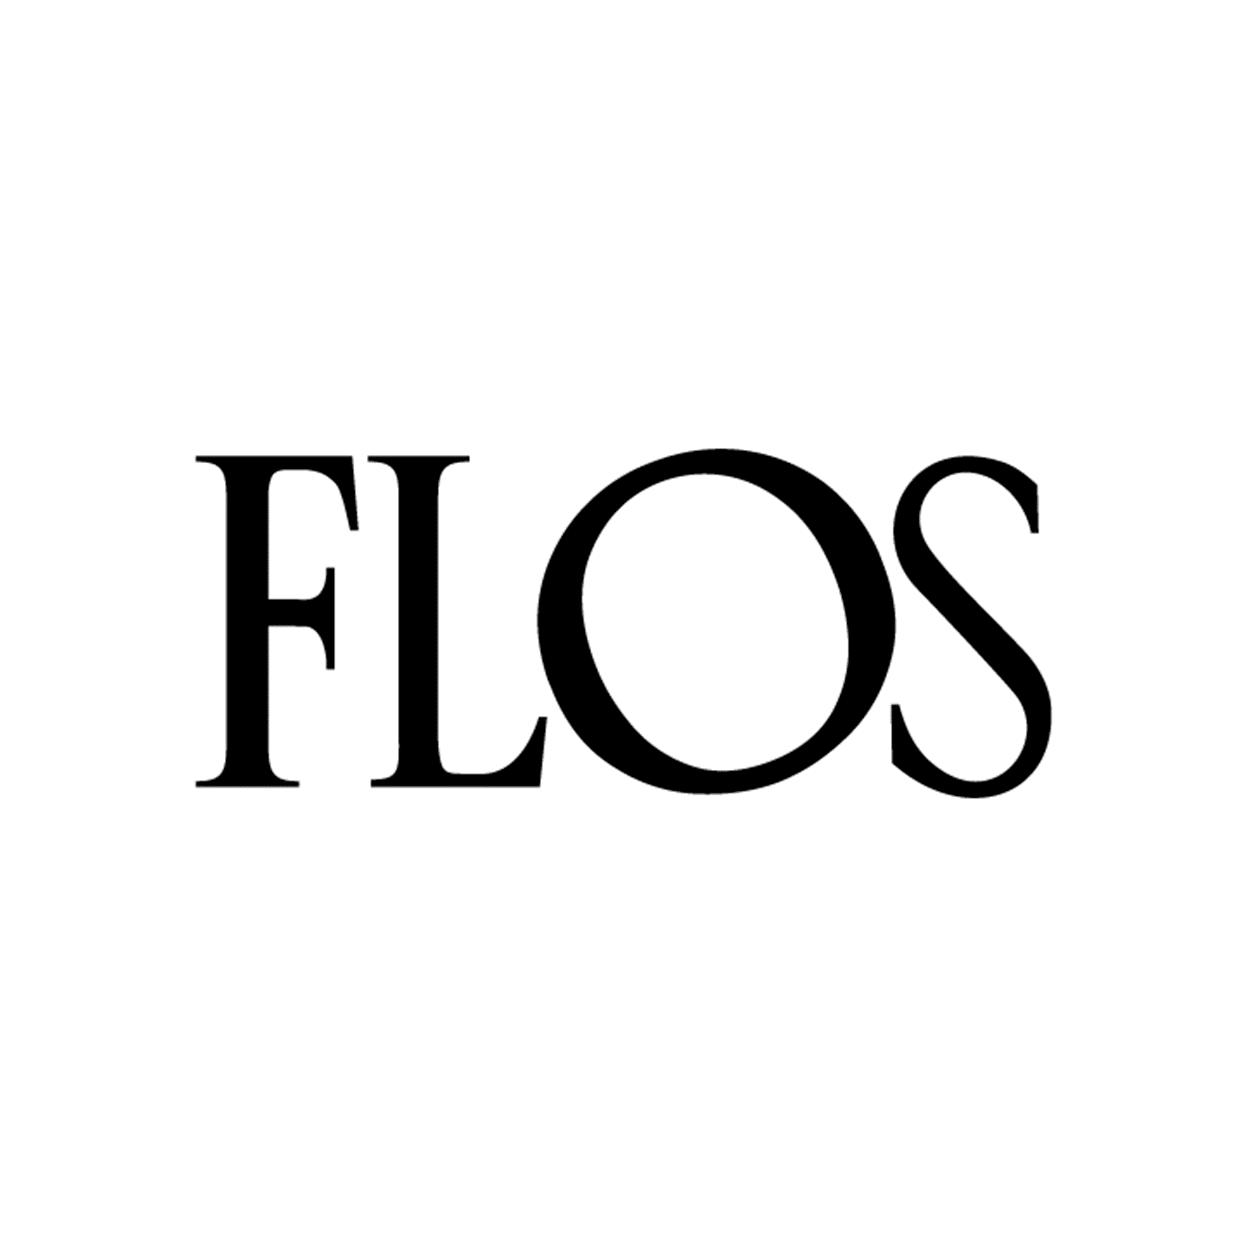 Flos - Objekte Licht & Raum GmbH in Hamburg